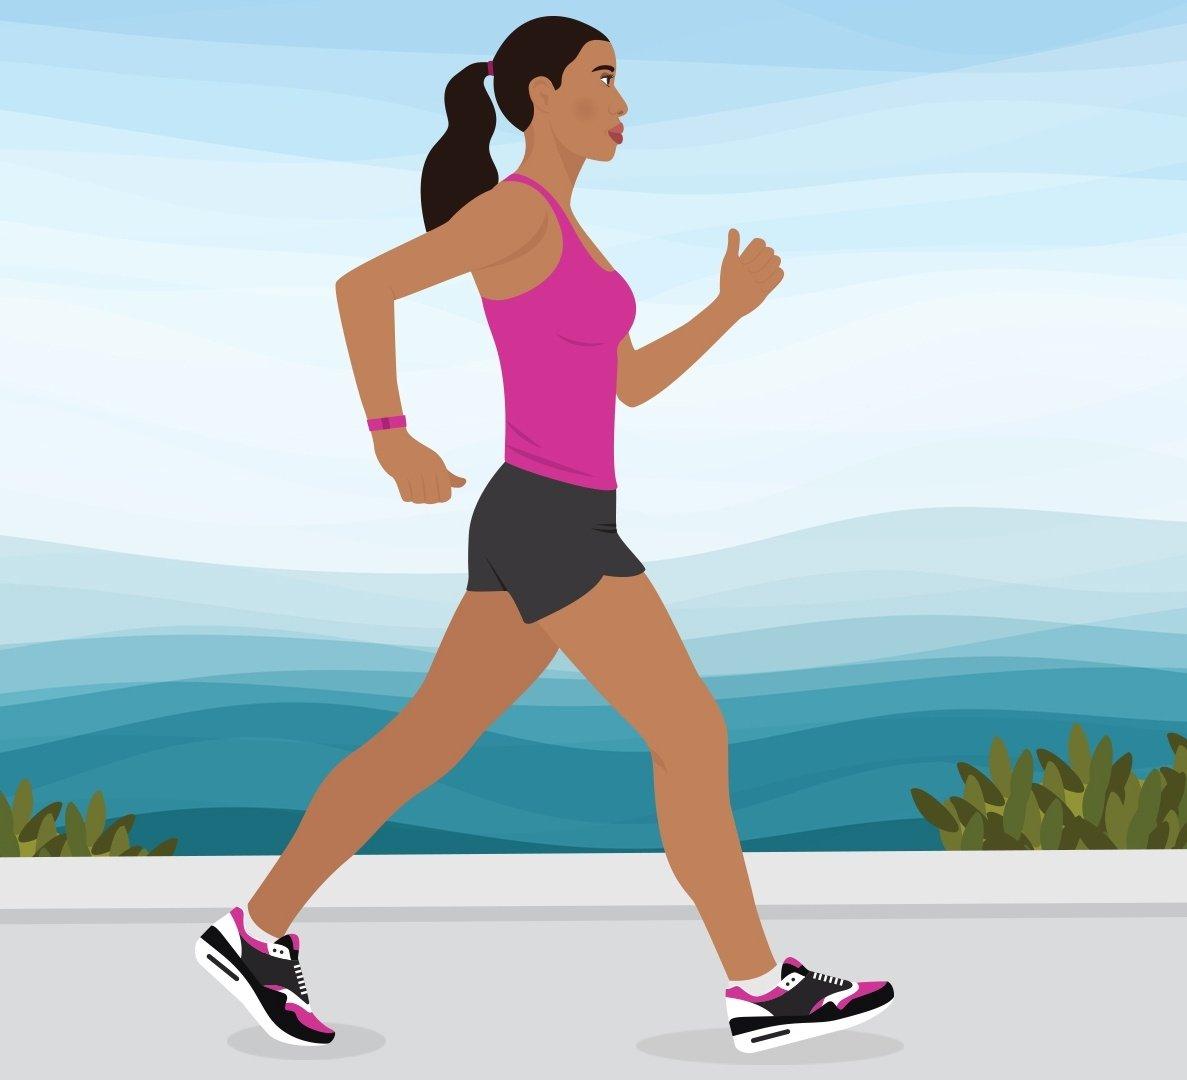 Đi bộ nhanh là top 10 cách giảm cân hiệu quả nhất